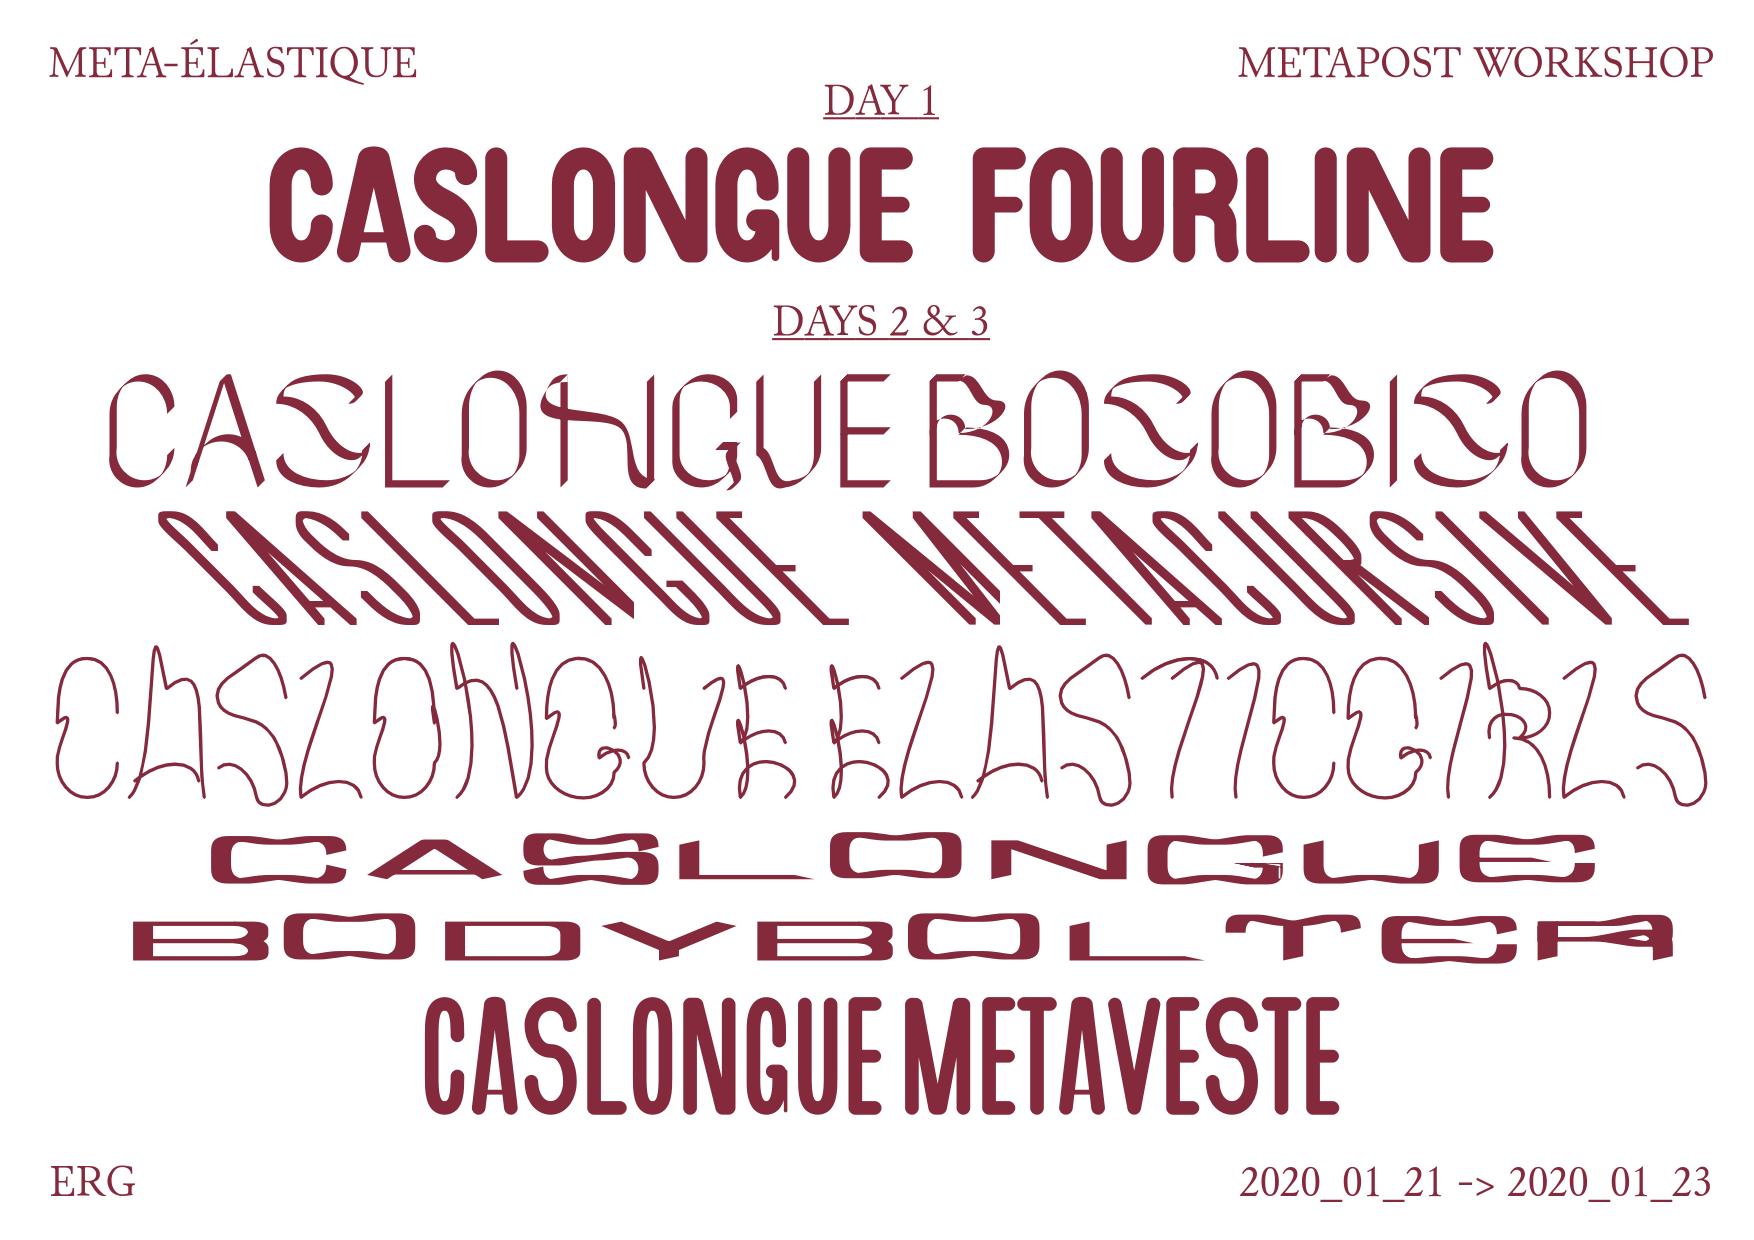 images/caslongue-specimen-page001.png